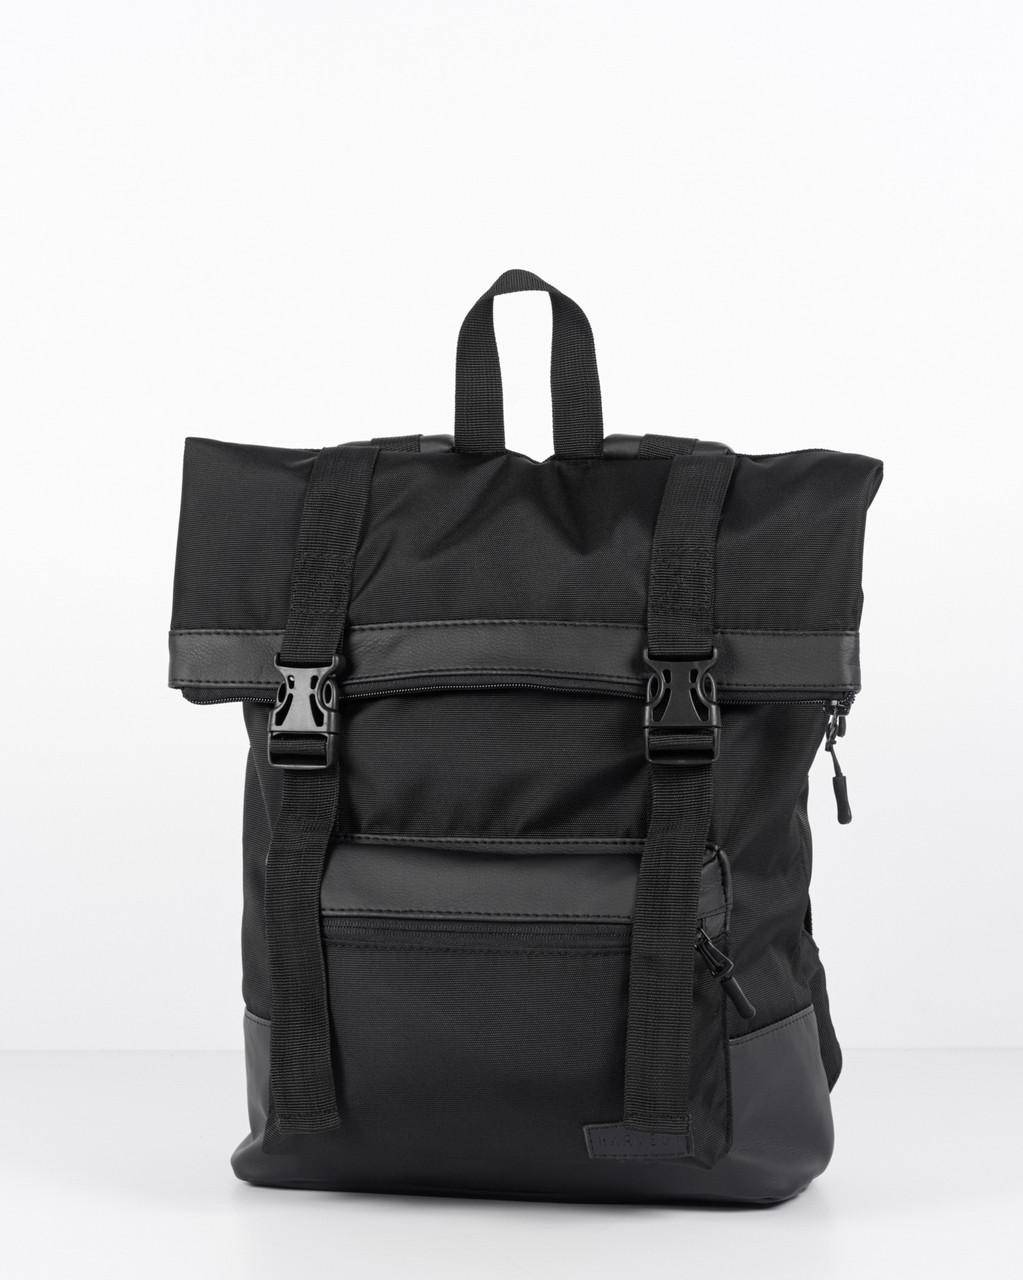 9fdabc0f9ecf Городской рюкзак черный роллтоп Roll black HARVEST (мужской рюкзак, женский  рюкзак, для города